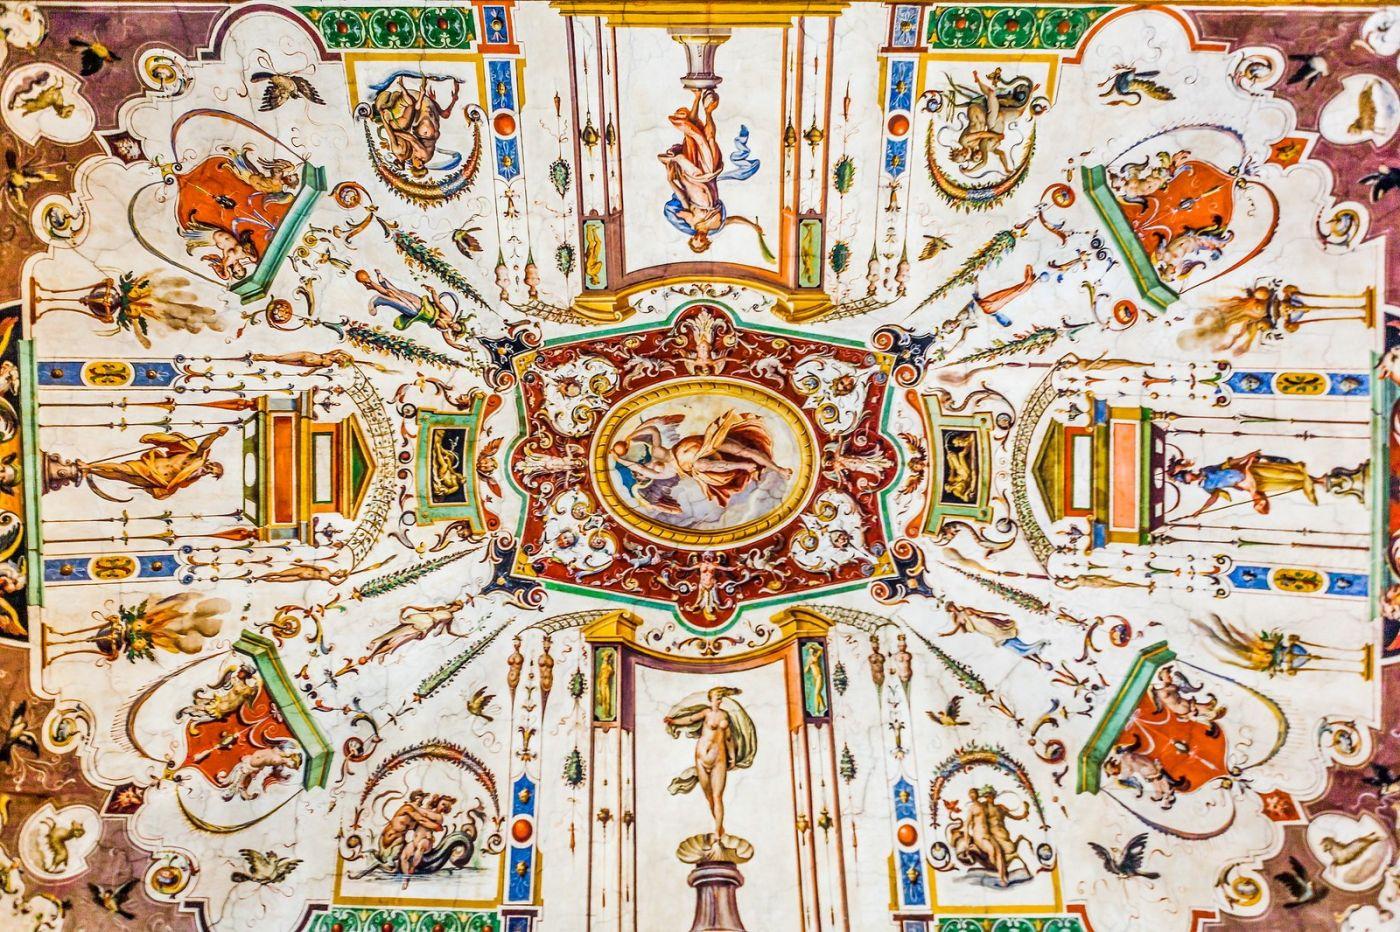 意大利佛罗伦斯乌菲兹美术馆, 藏品大展_图1-8